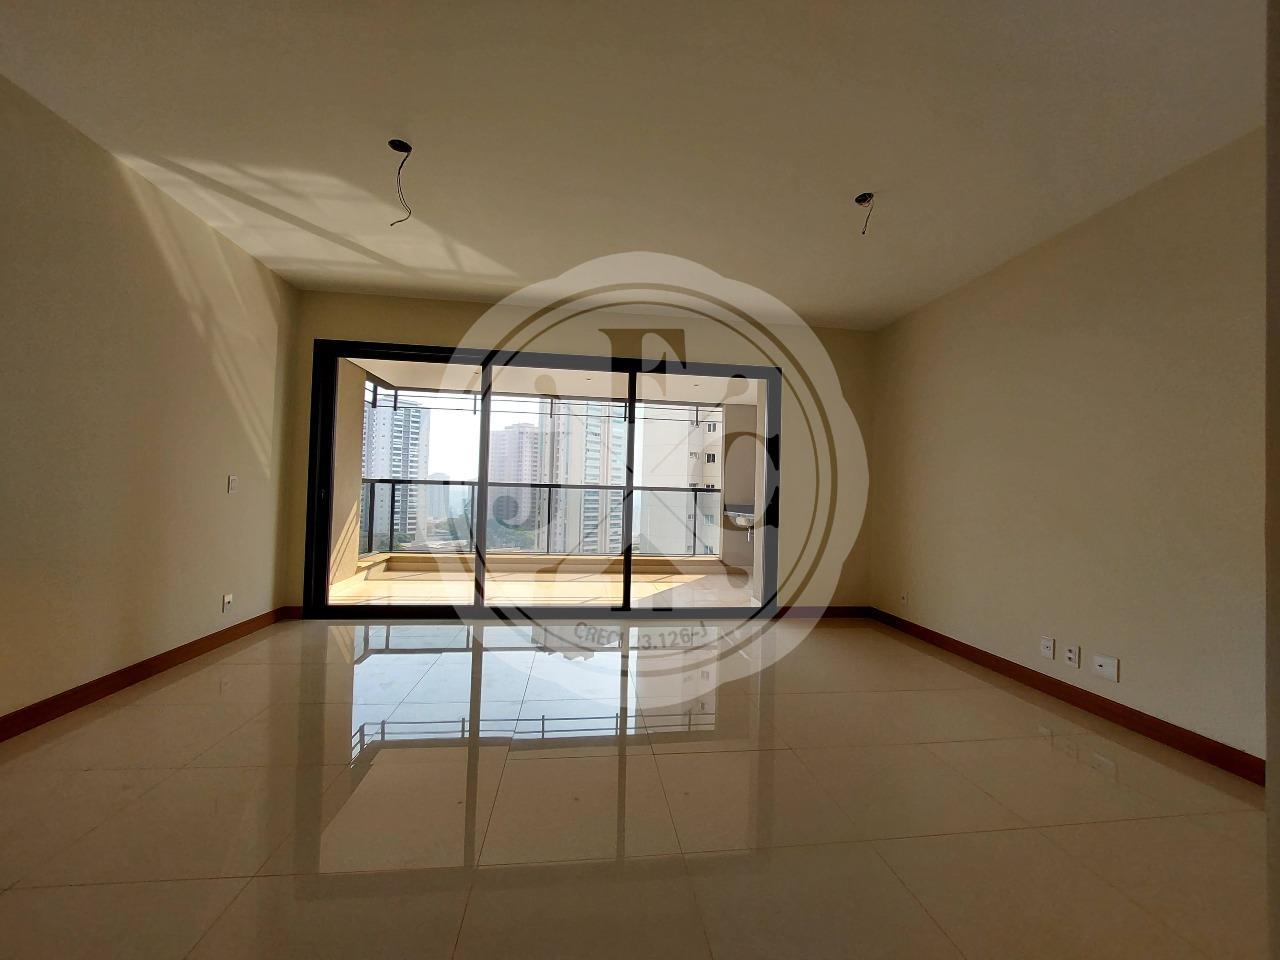 Exclusivo apartamento alto padrão à venda no bairro Bosque das Juritis.